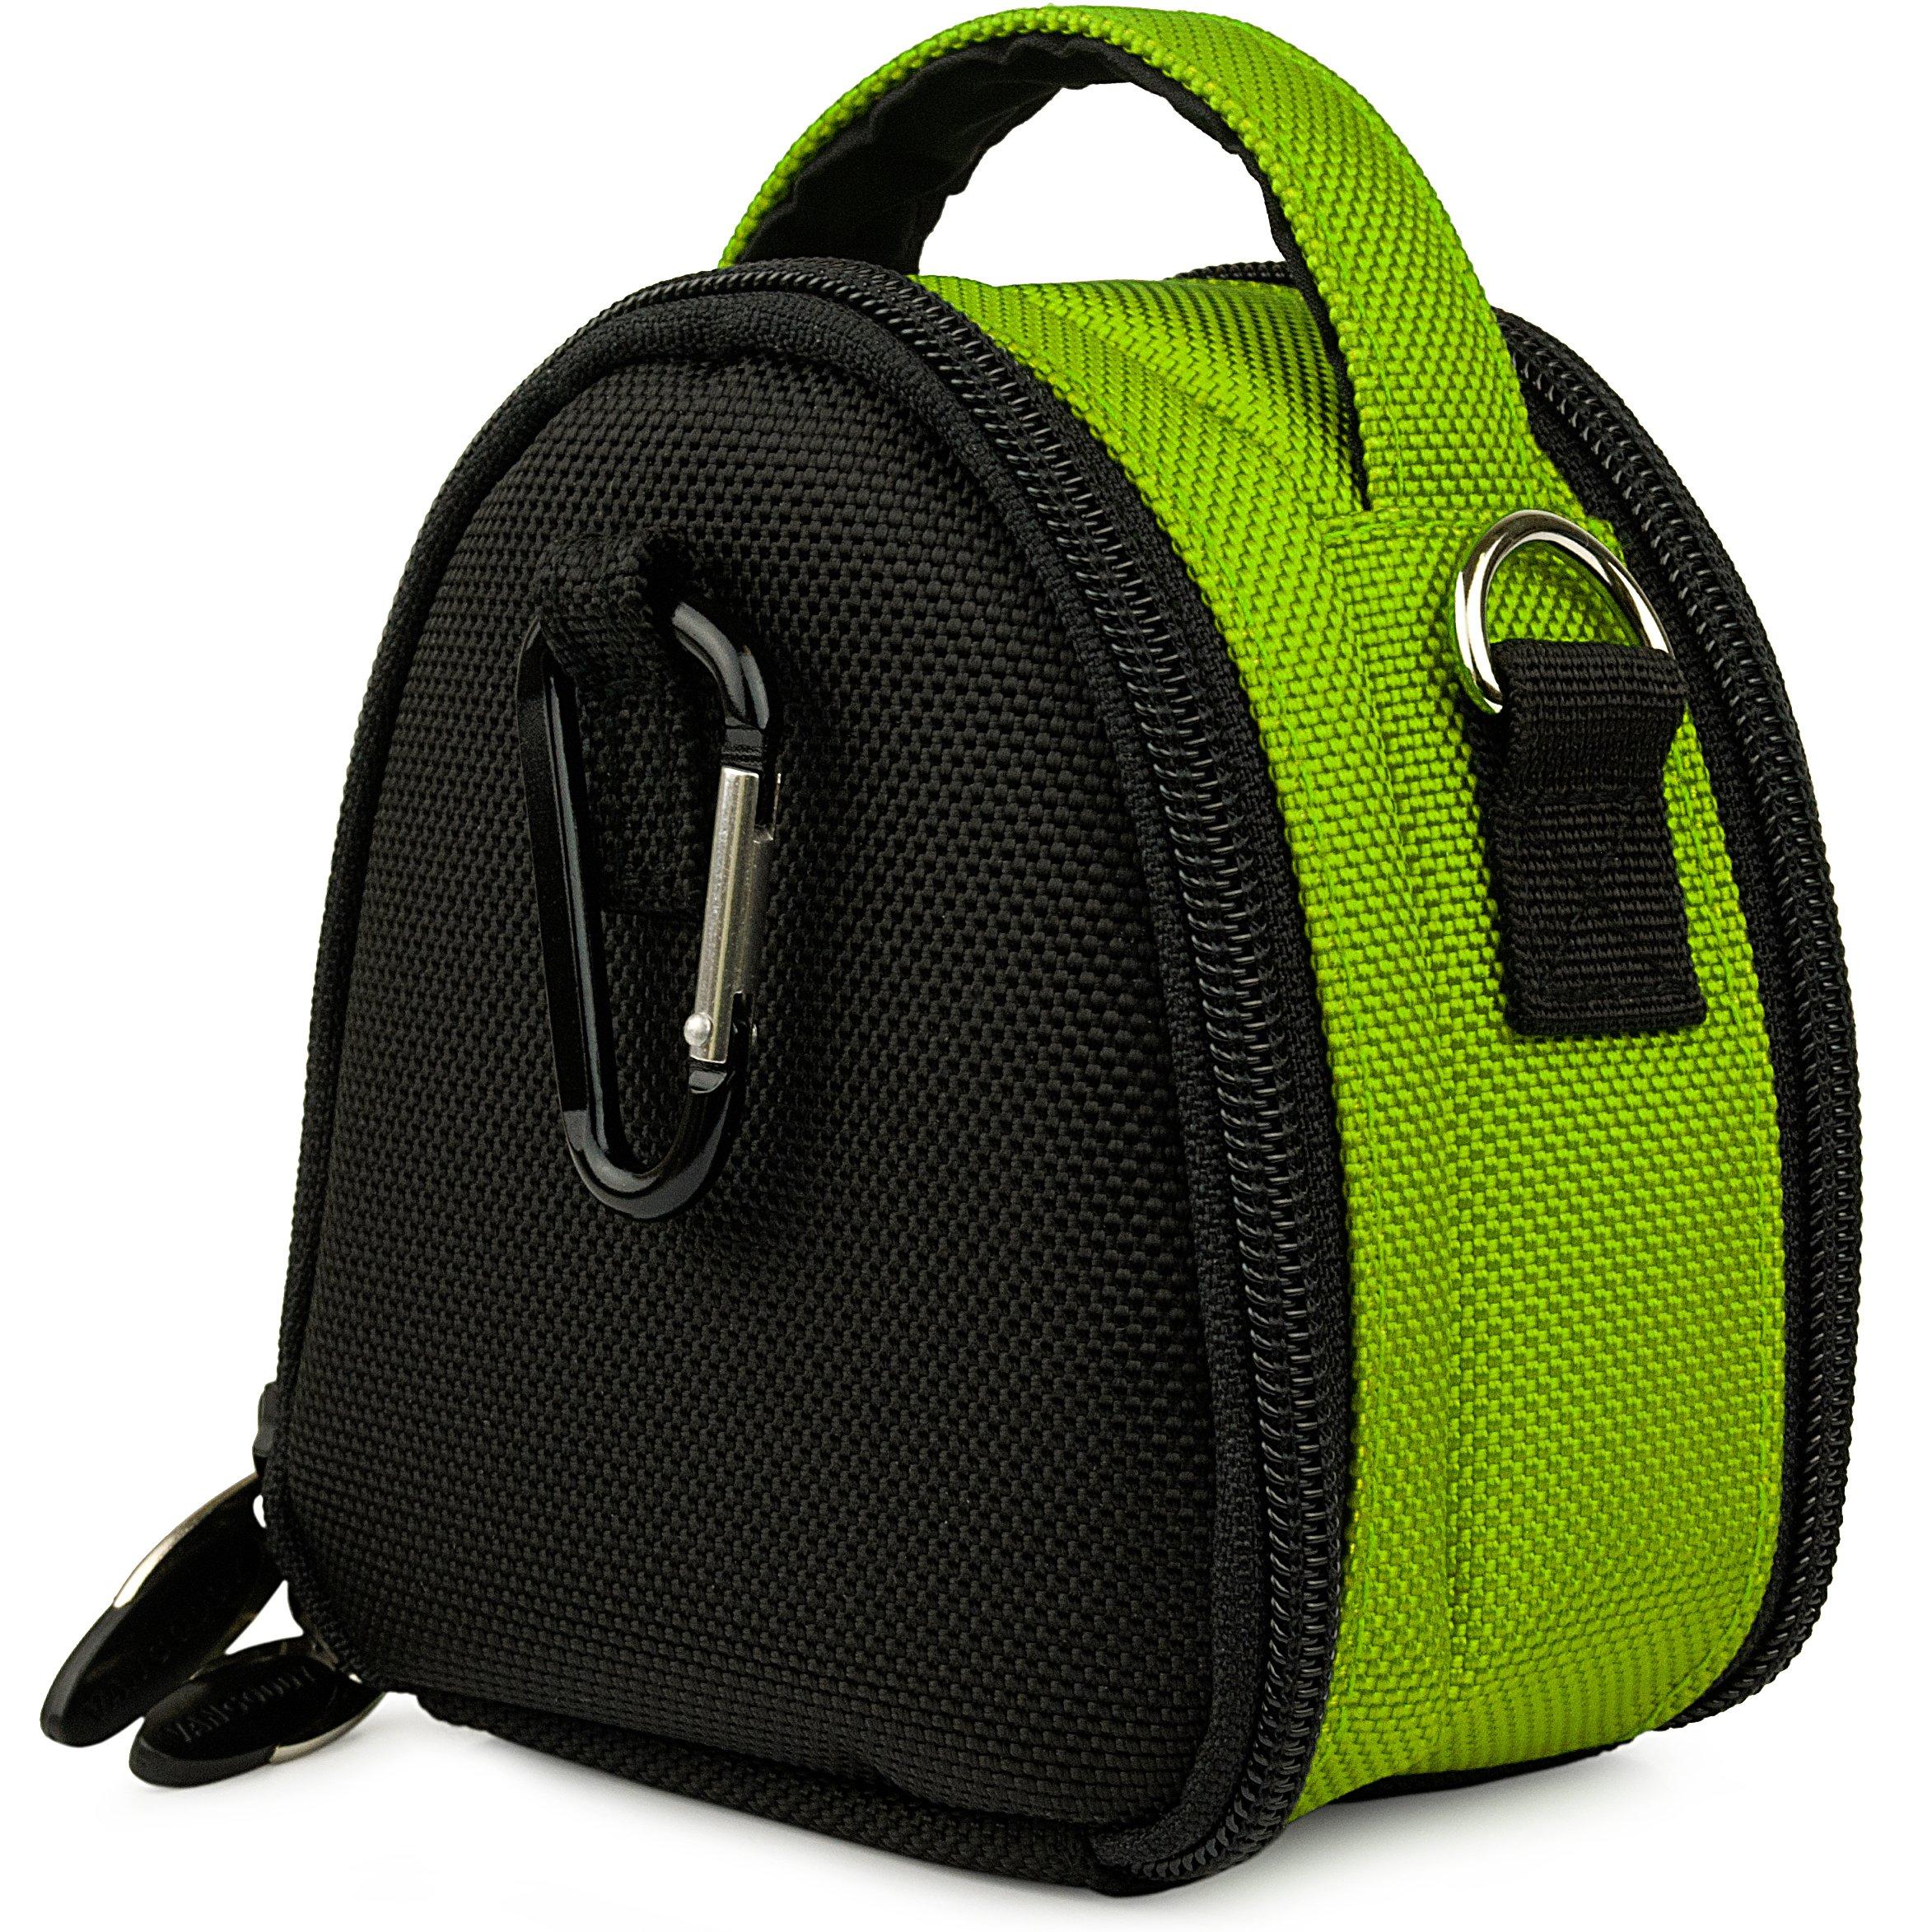 Mini Laurel Handbag Pouch Case for Samsung WB250F/WB30F Smart Wi-Fi Digital Camera